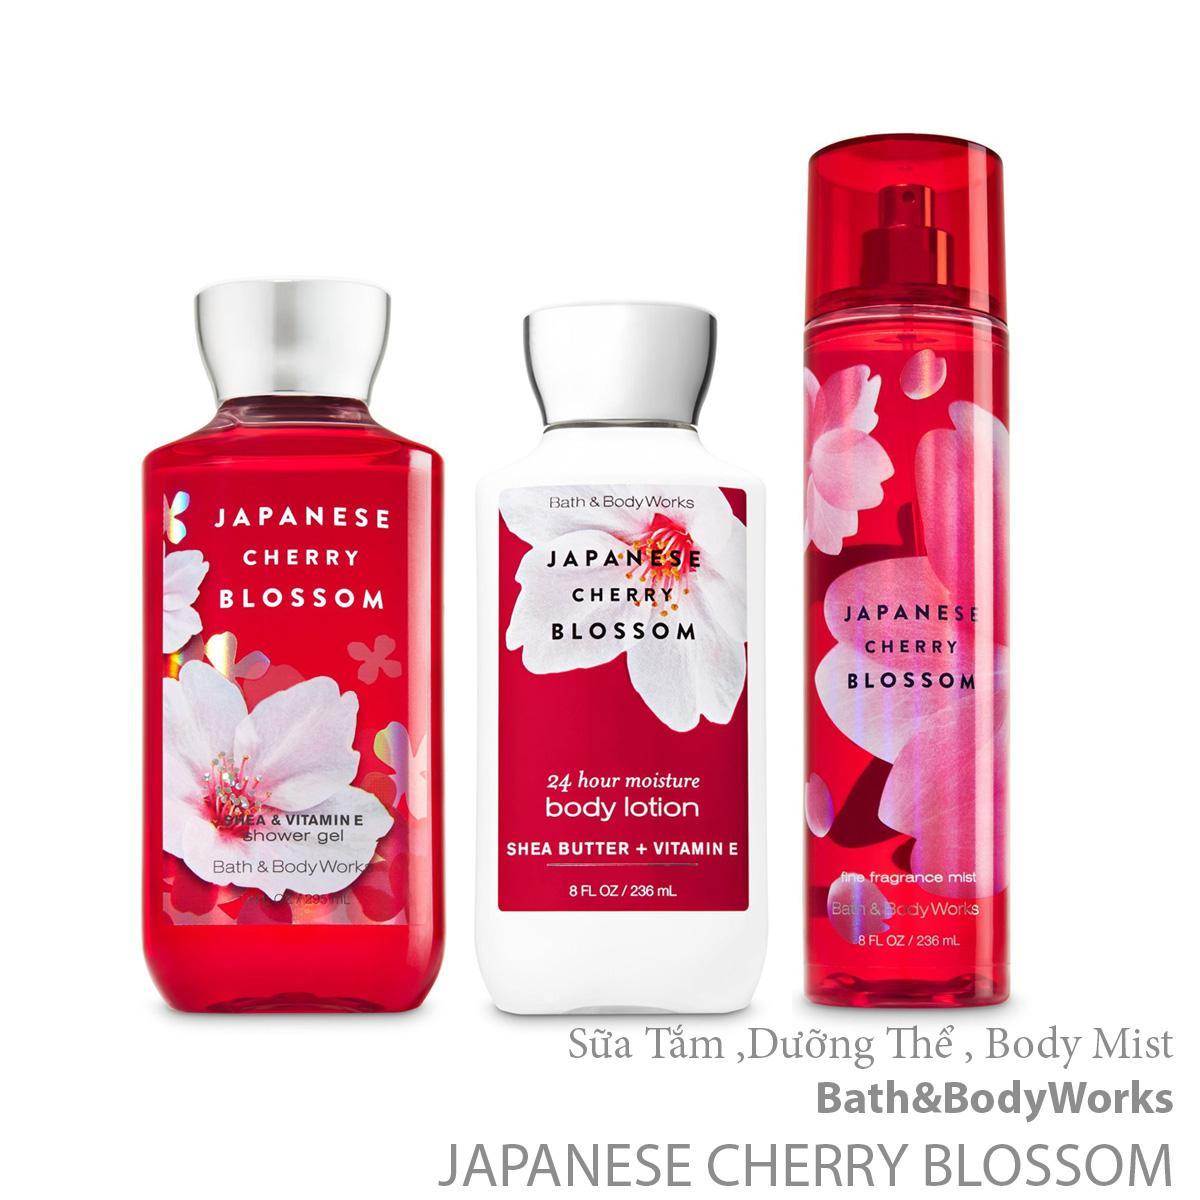 Bộ Sản Phẩm Dưỡng Da Hương Nước Hoa Bath & Body Works Japanese Cherry Blossom (3 món)